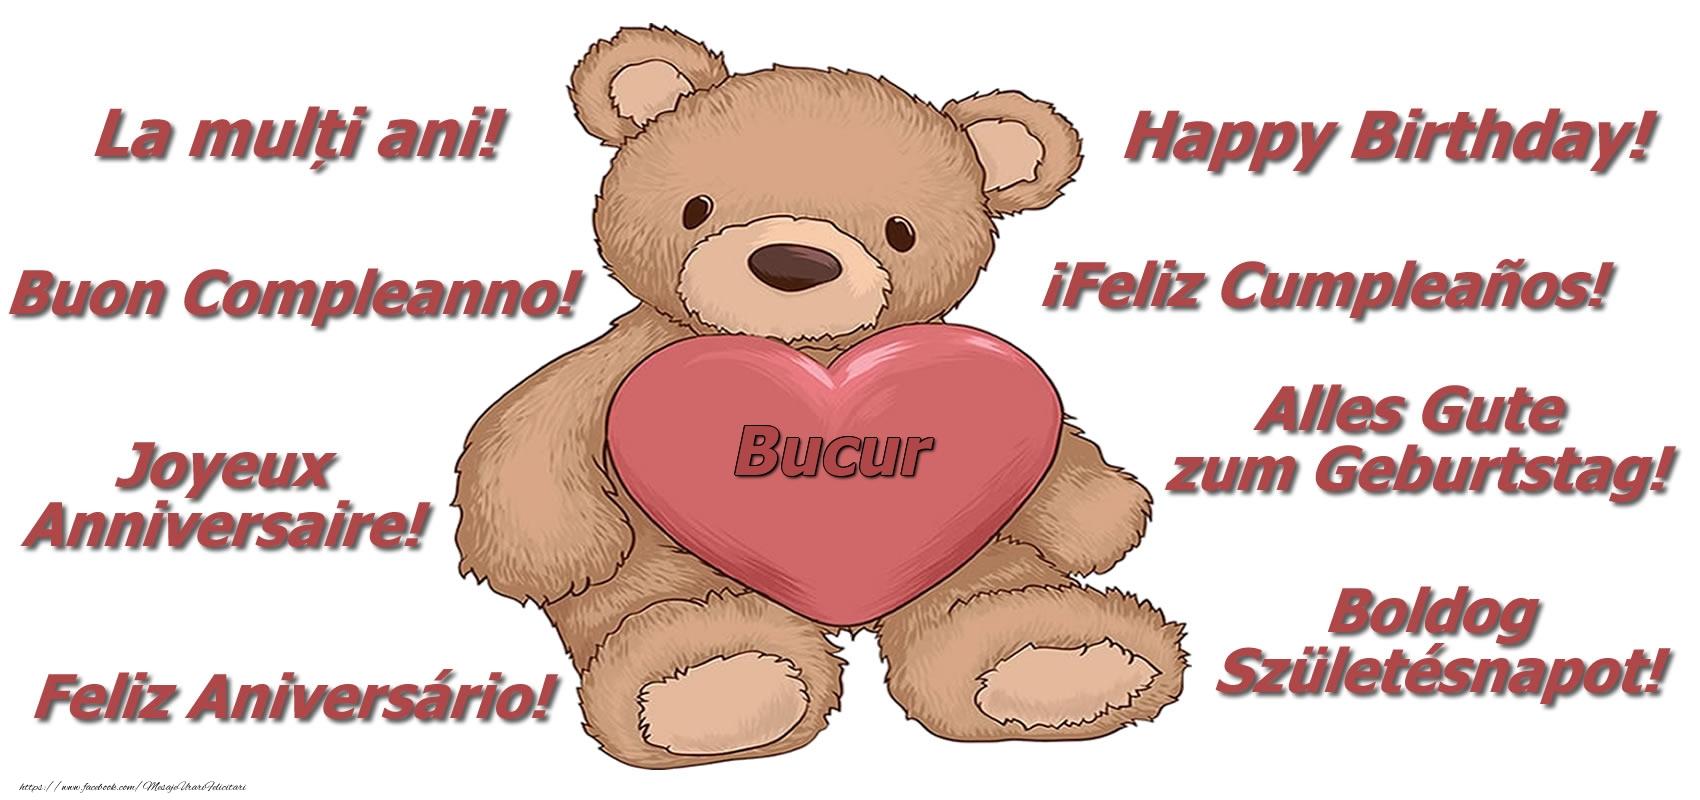 Felicitari de zi de nastere - La multi ani Bucur! - Ursulet